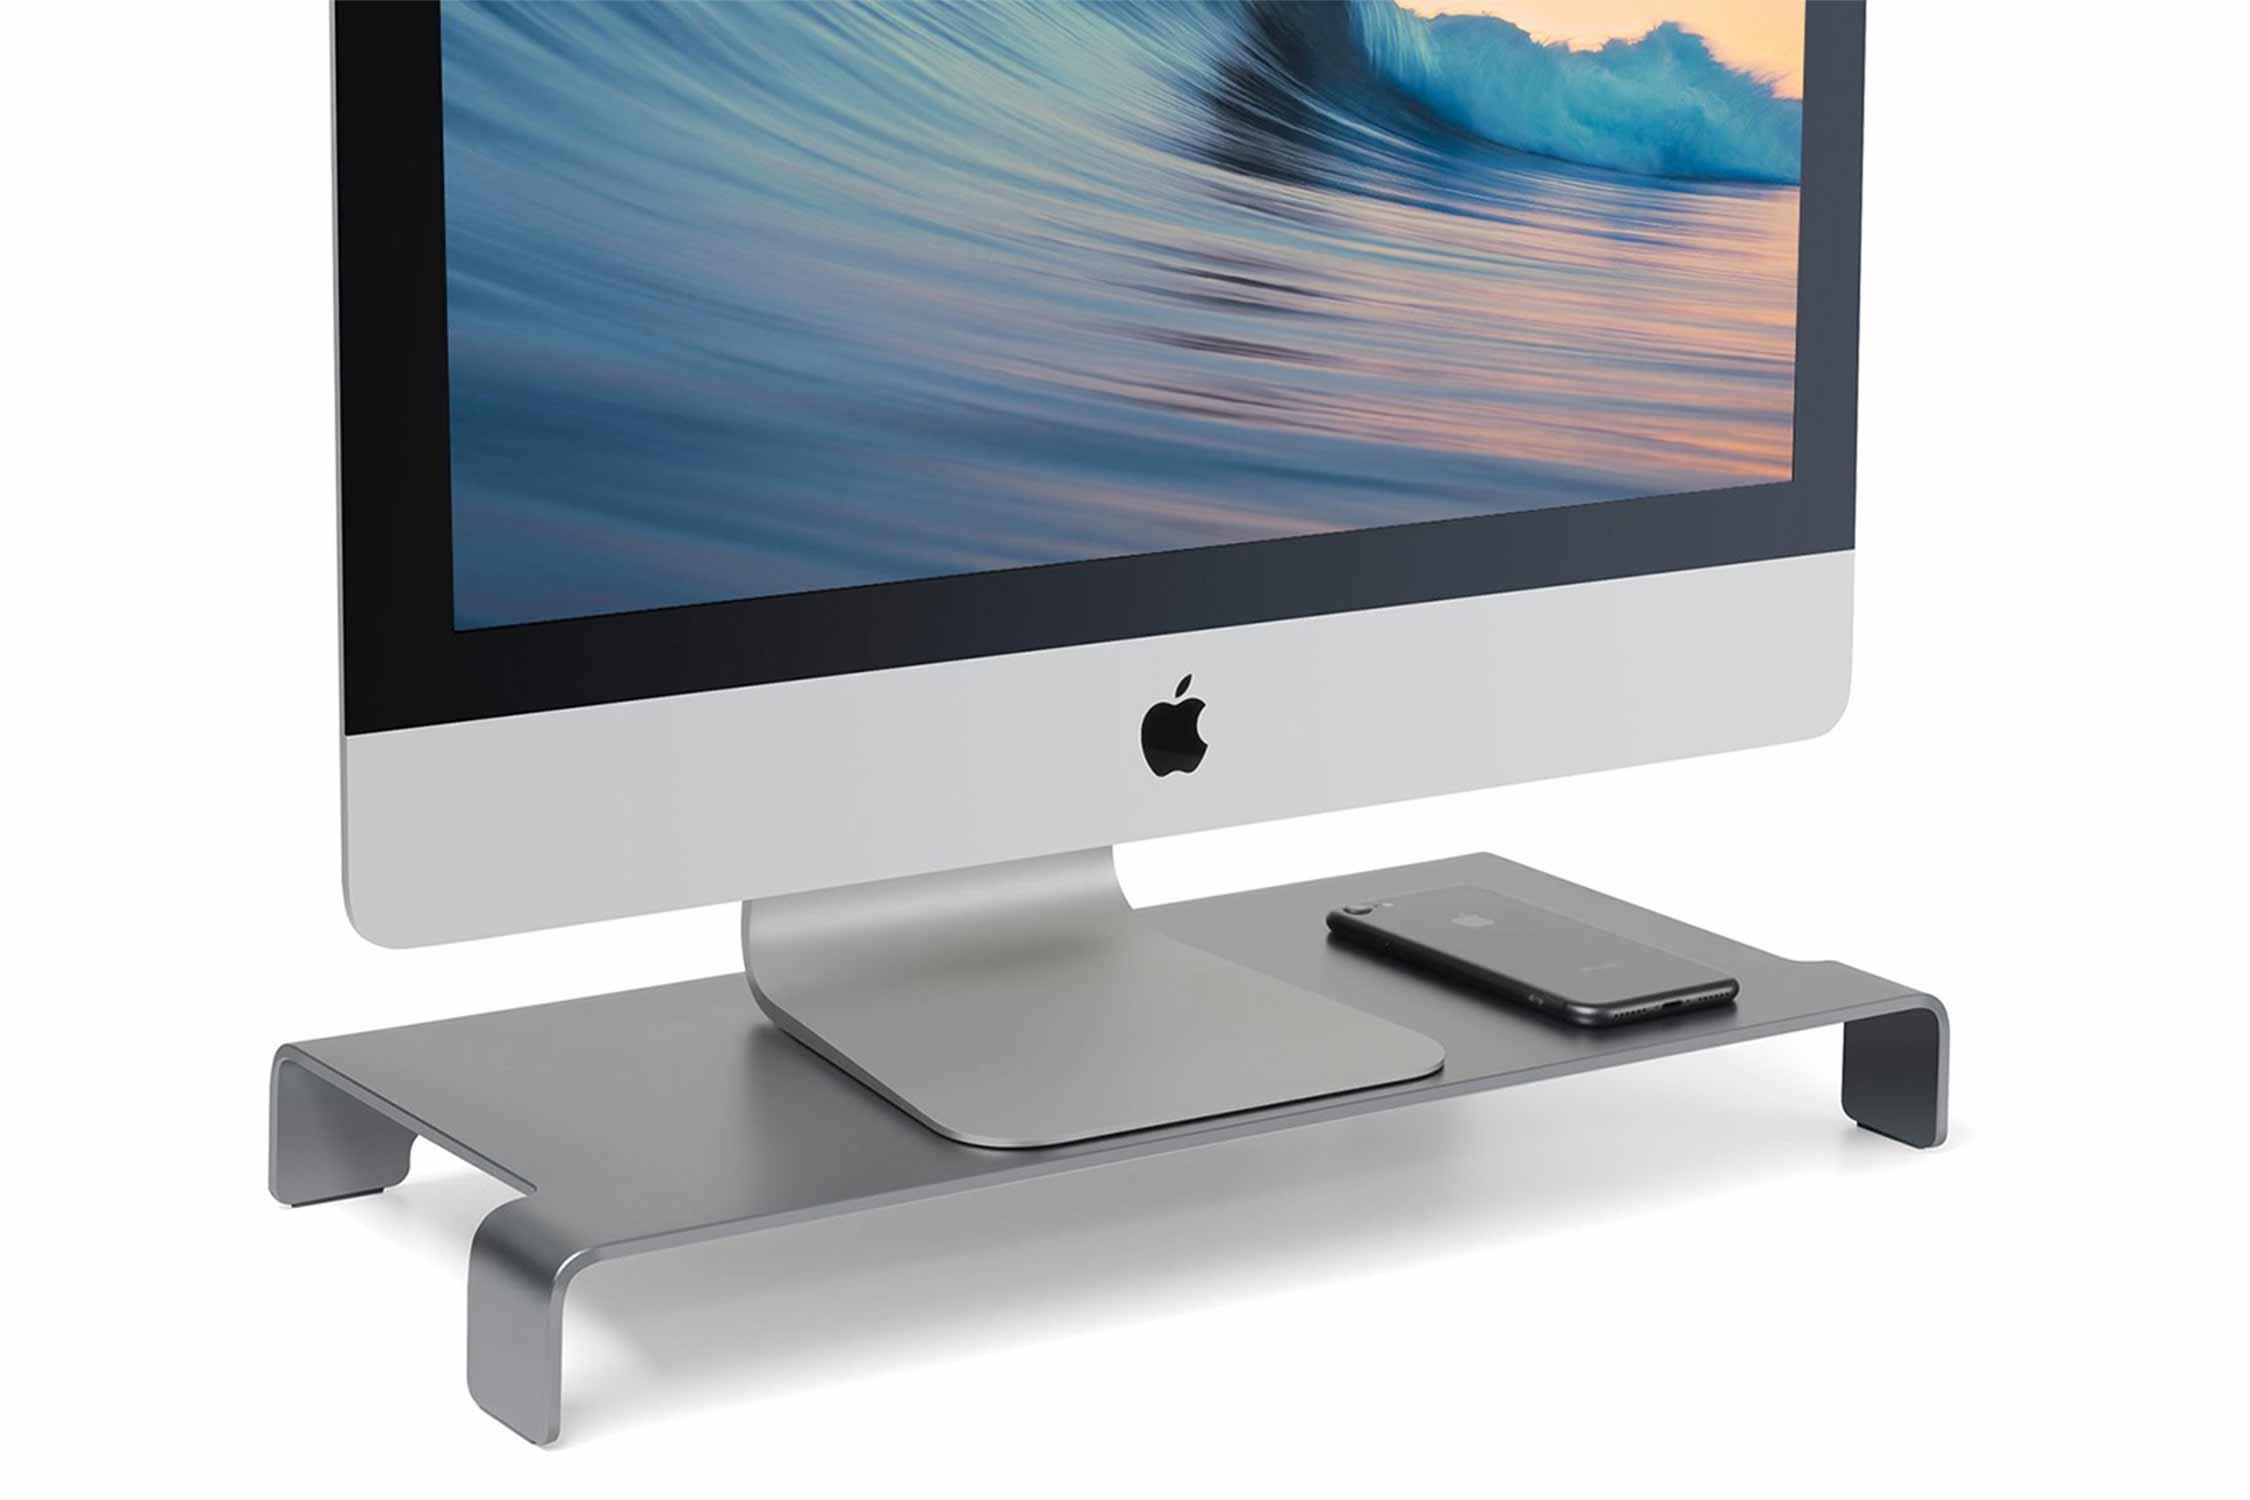 iMac Proのアルミ製ラック/台座 イメージ